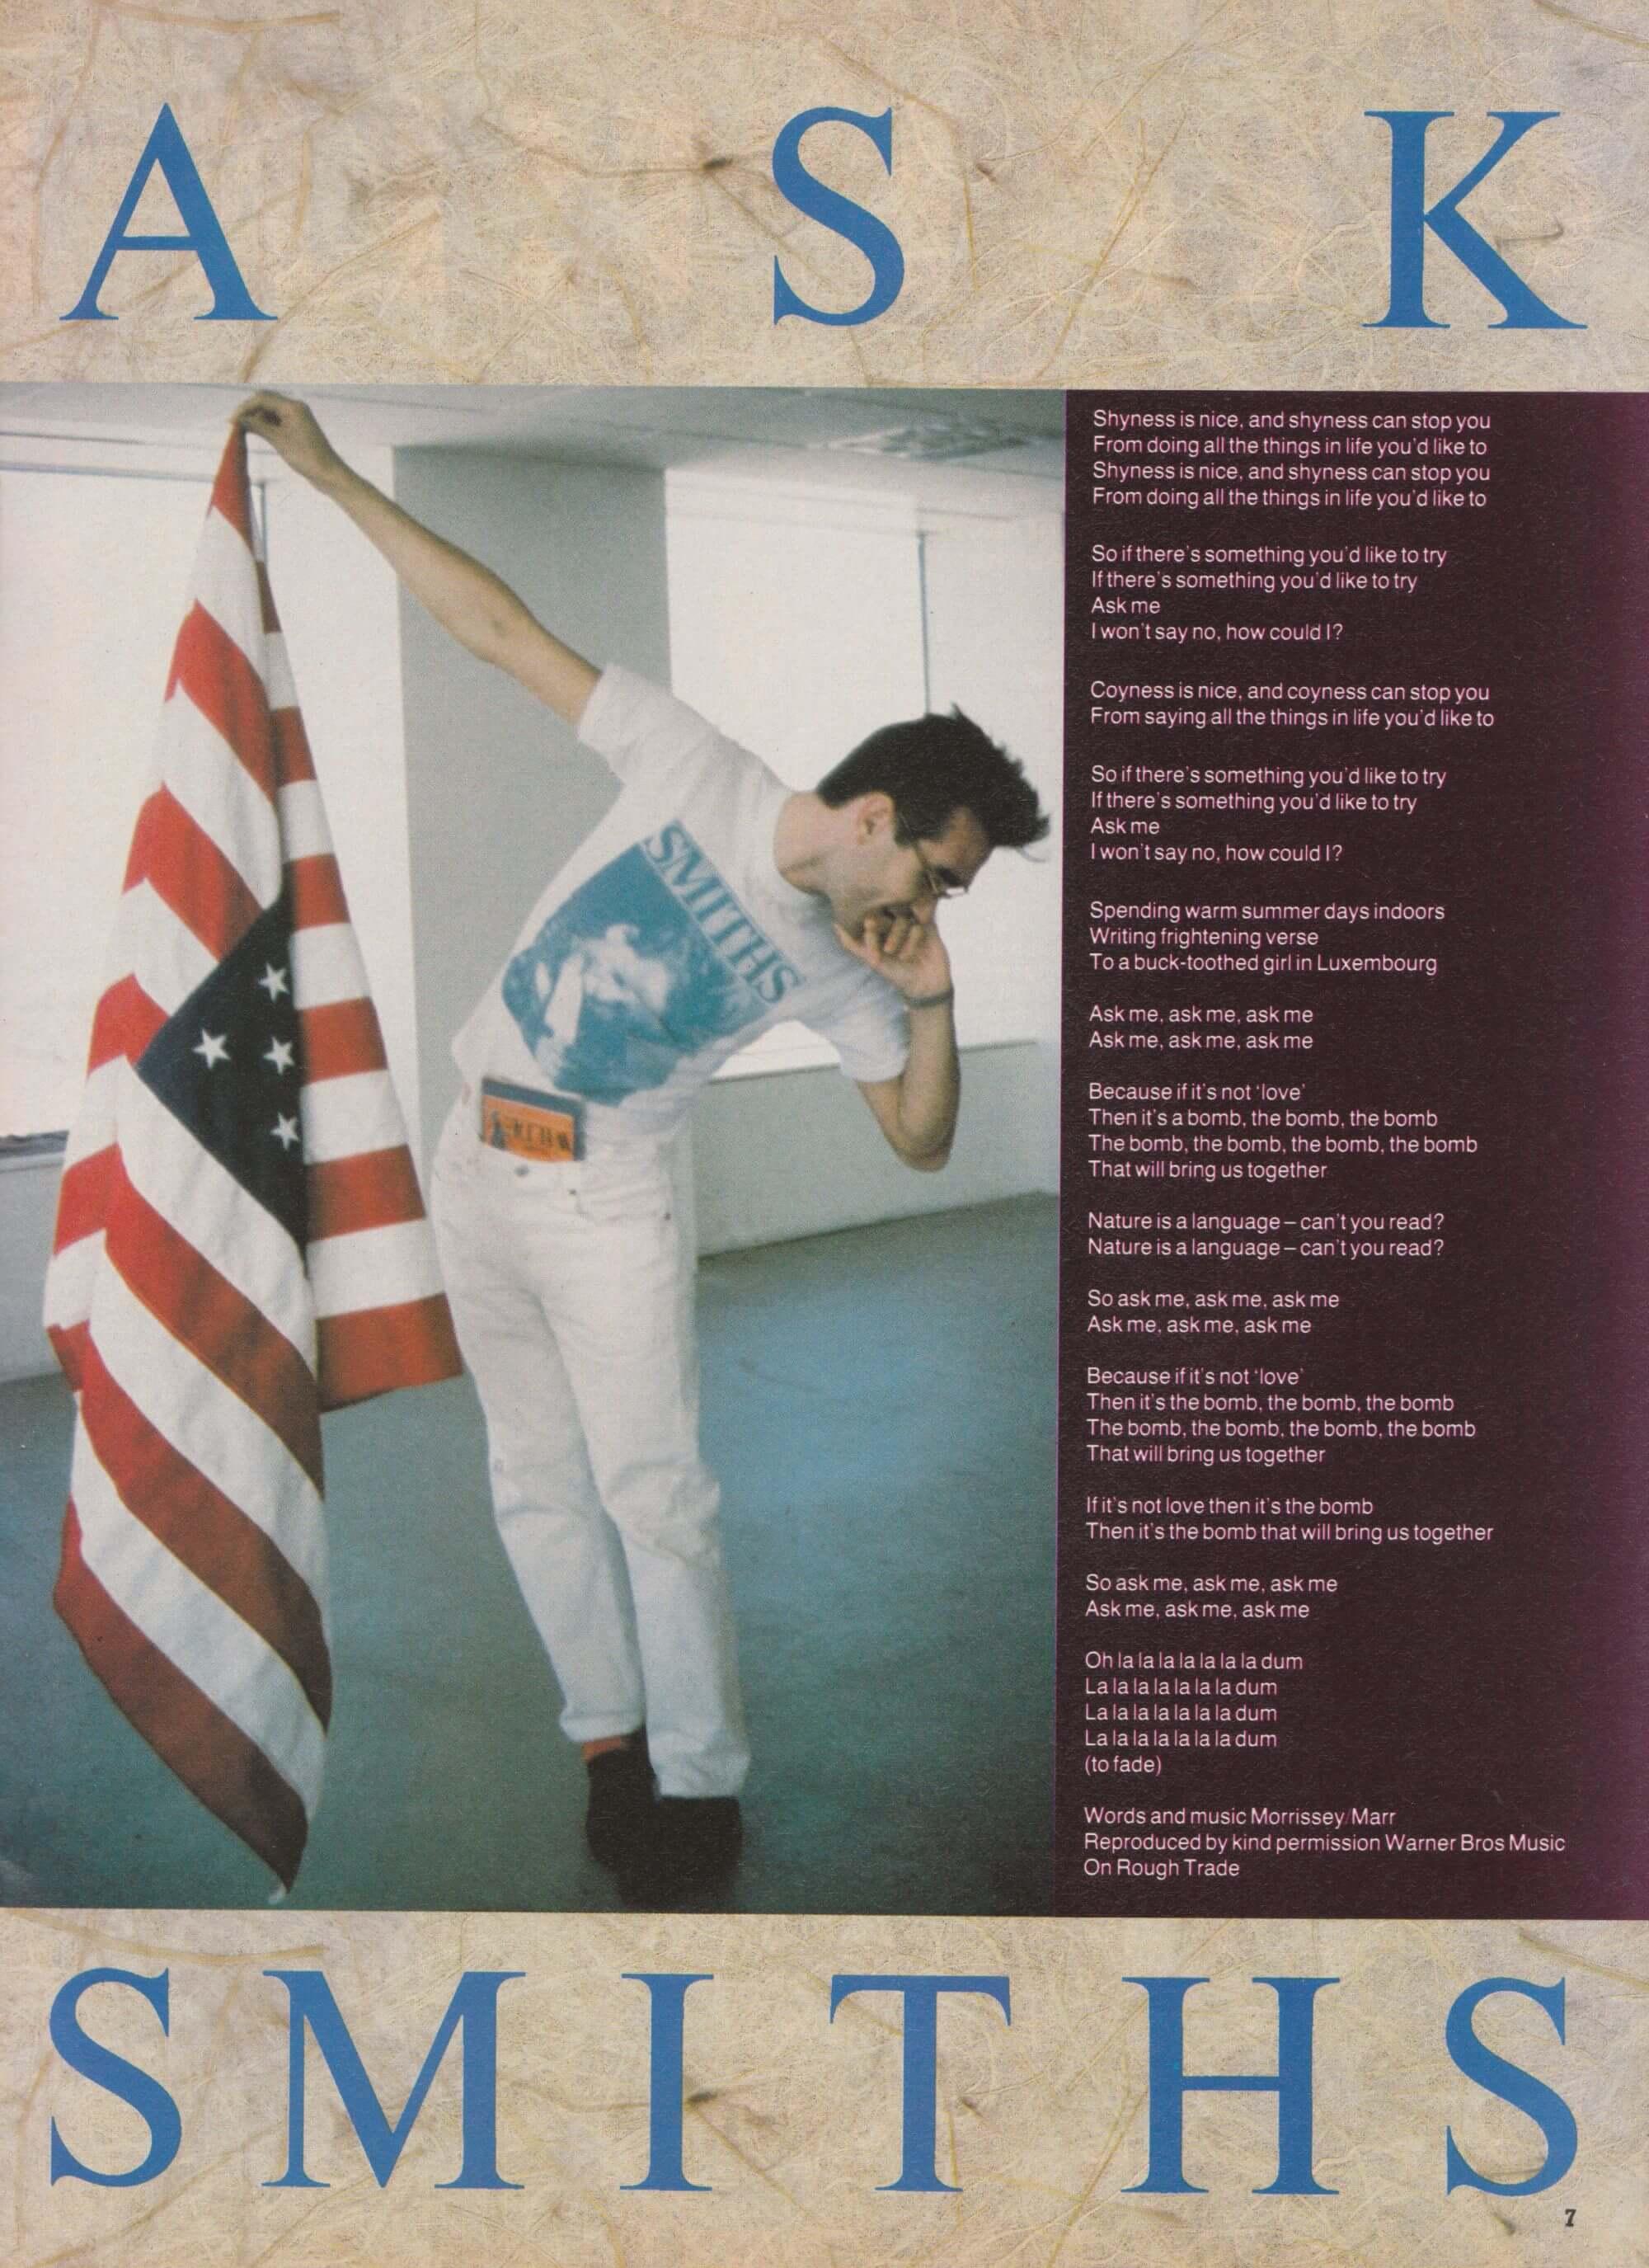 07-No-1-25-october-1986 (1).jpg